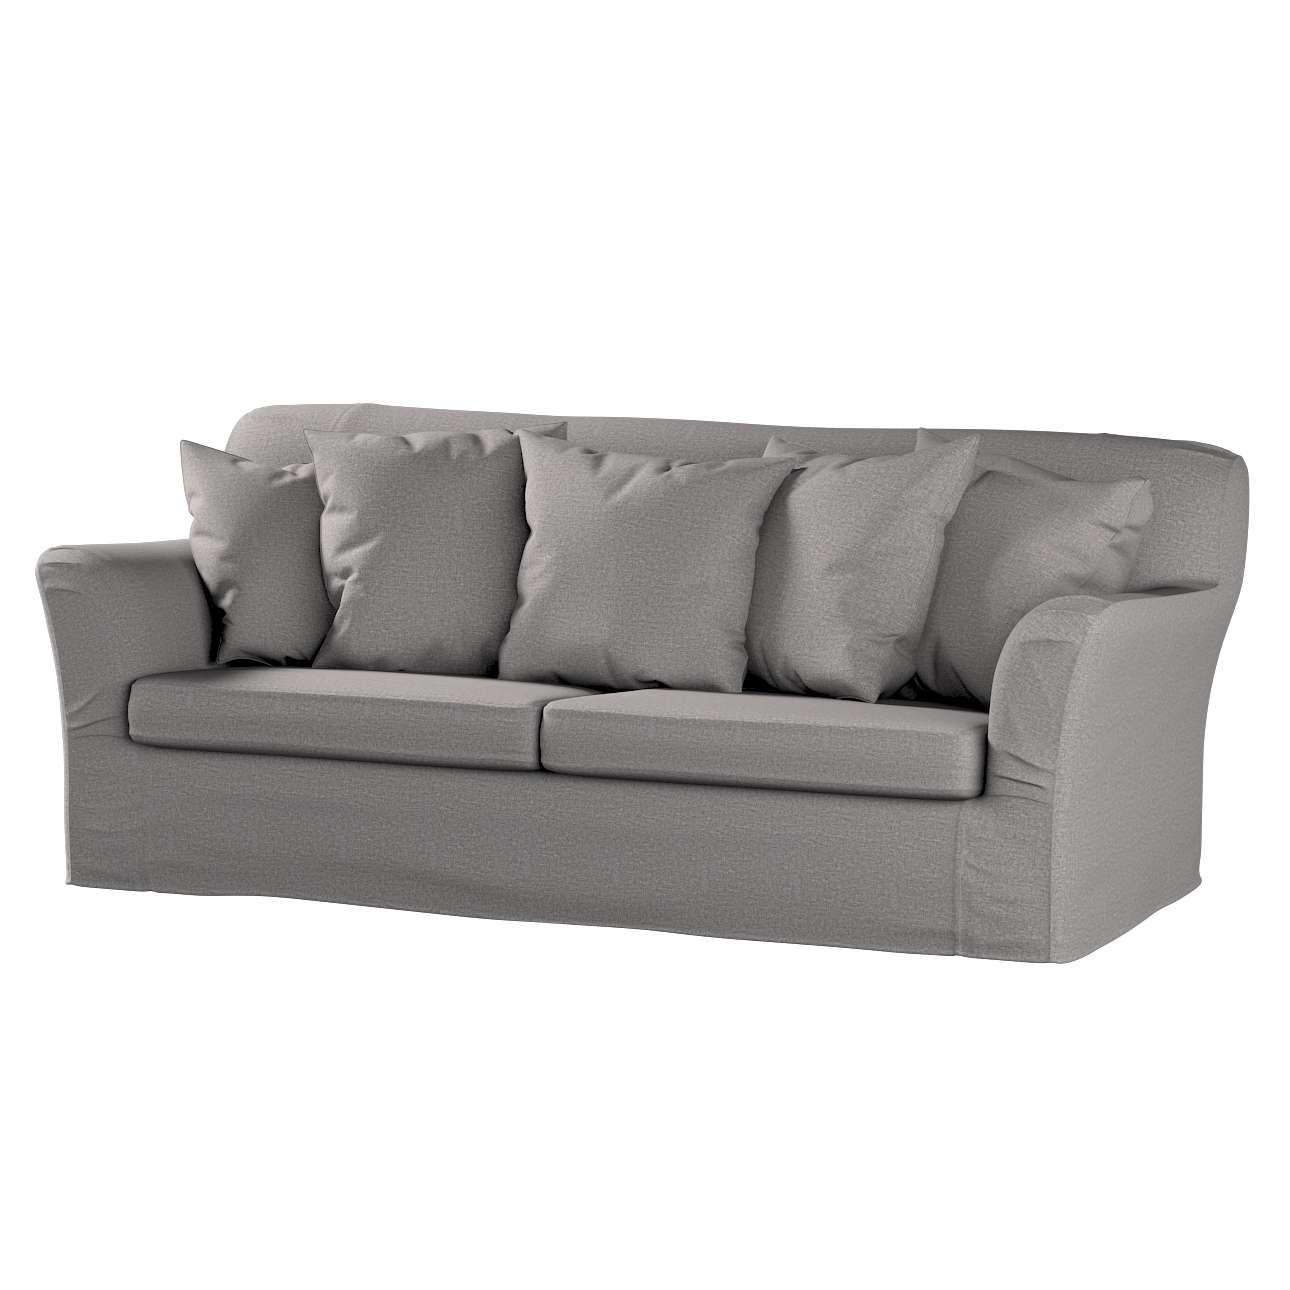 IKEA zitbankhoes overtrek voor Tomelilla slaapbank